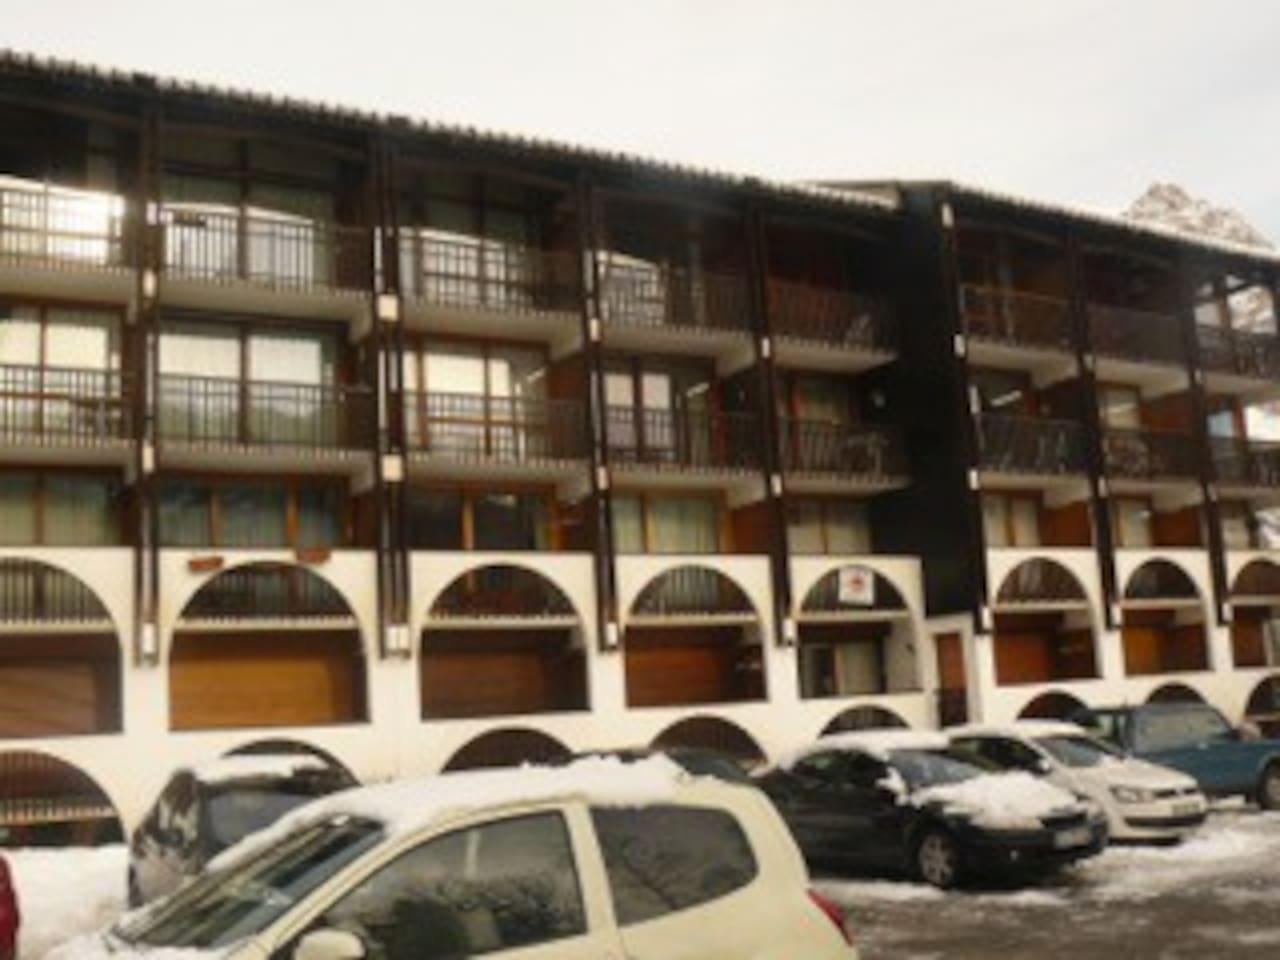 le petit immeuble face aux pistes de ski